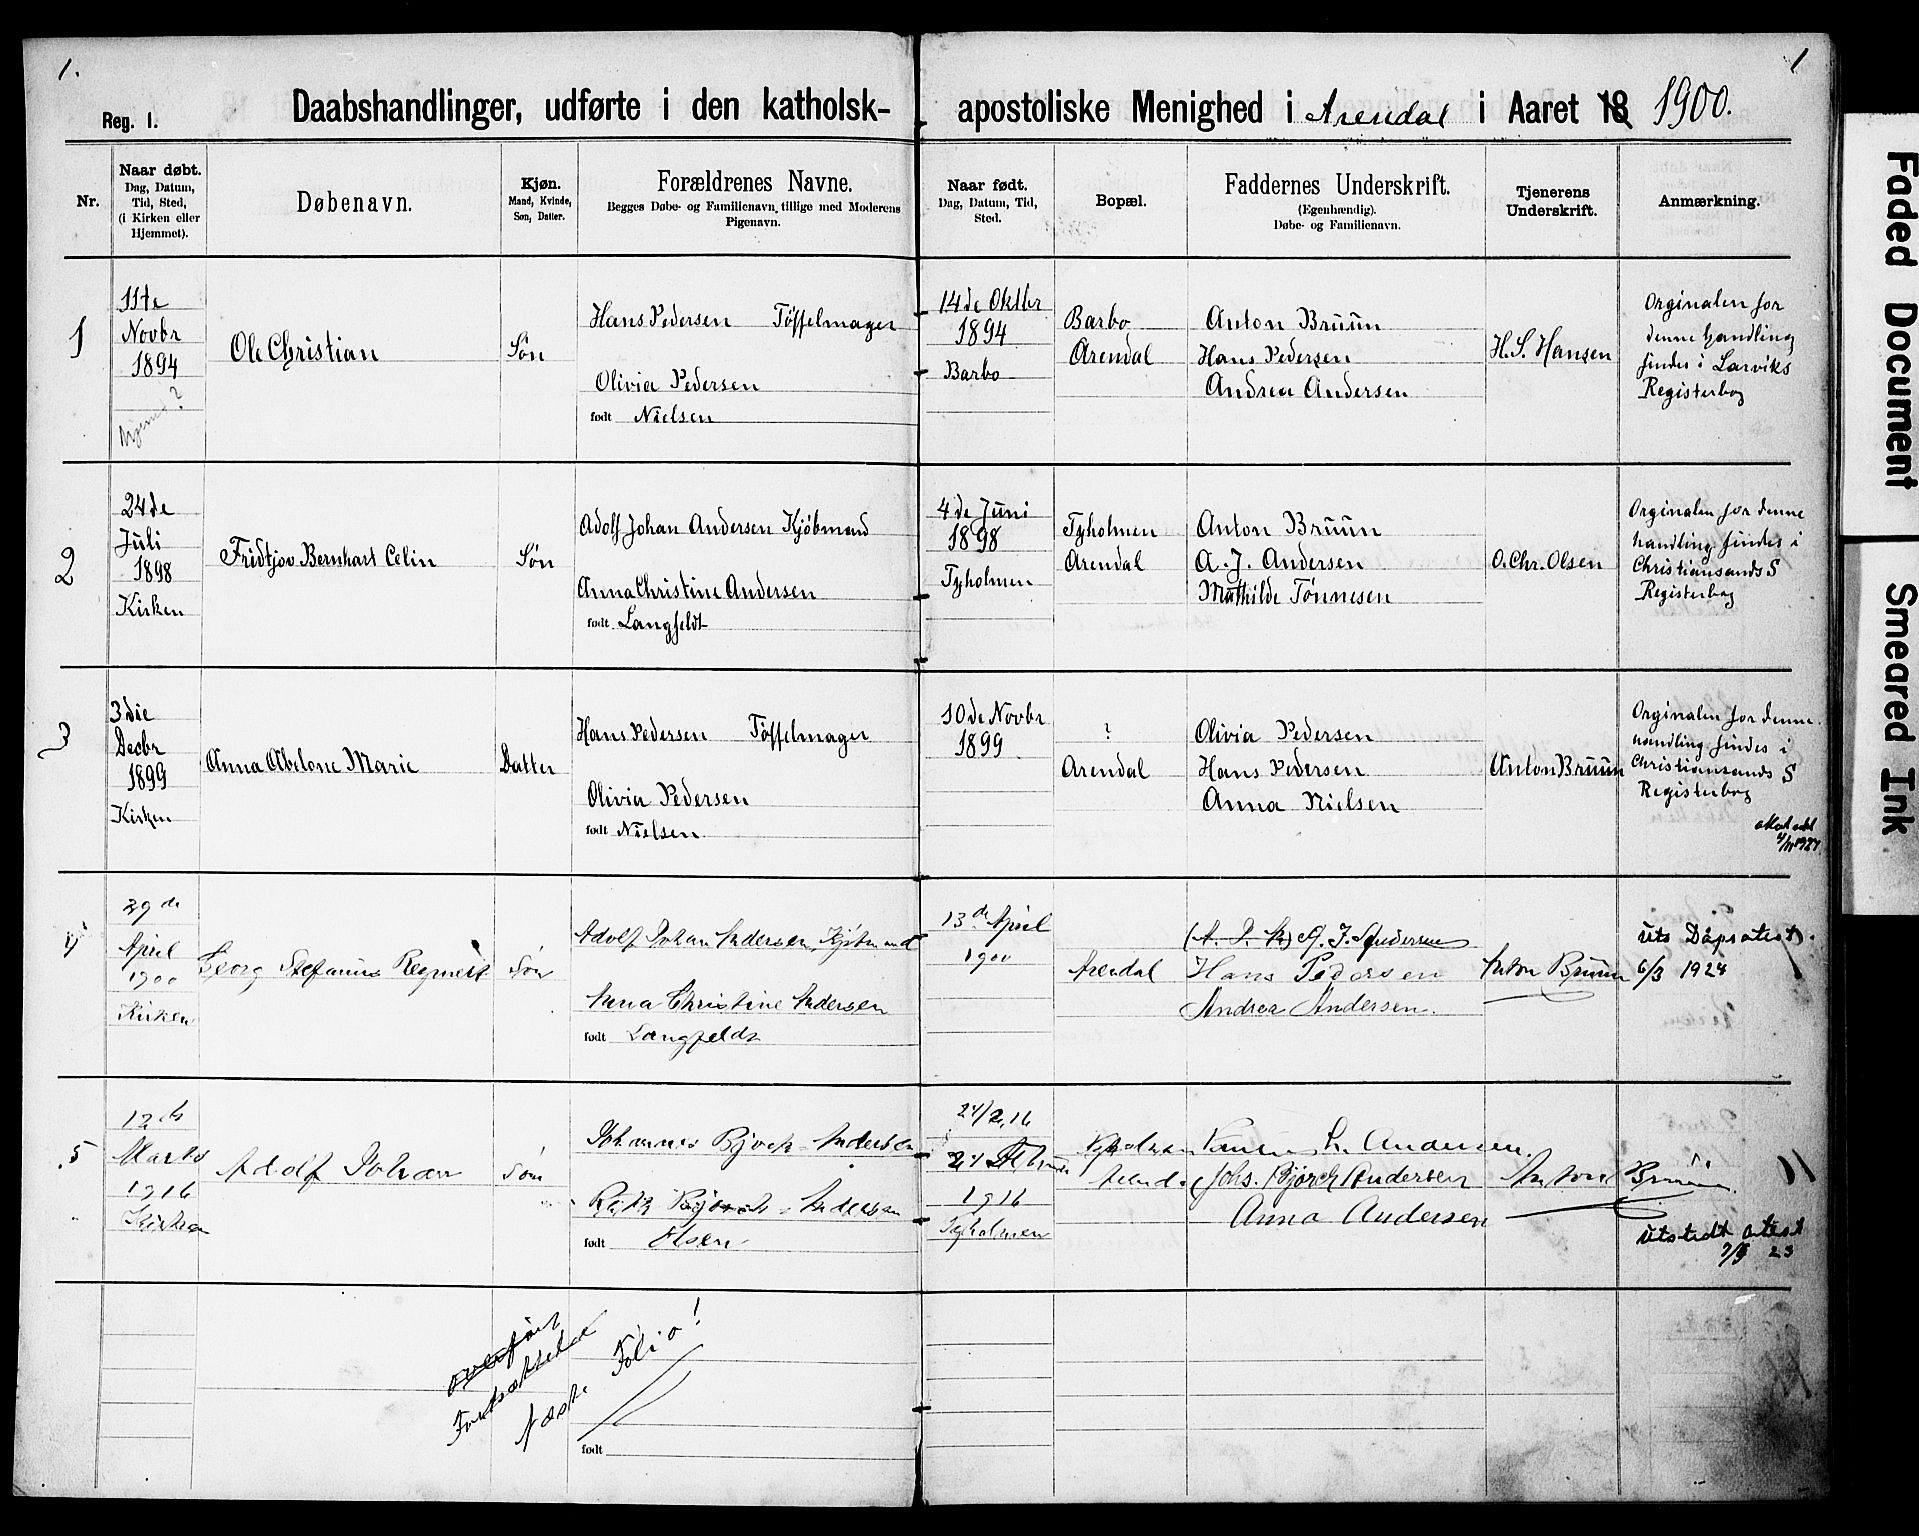 SAK, Den katolsk-apostoliske menighet, Arendal, F/Fa/L0001: Dissenter register no. F 8, 1889-1928, p. 1